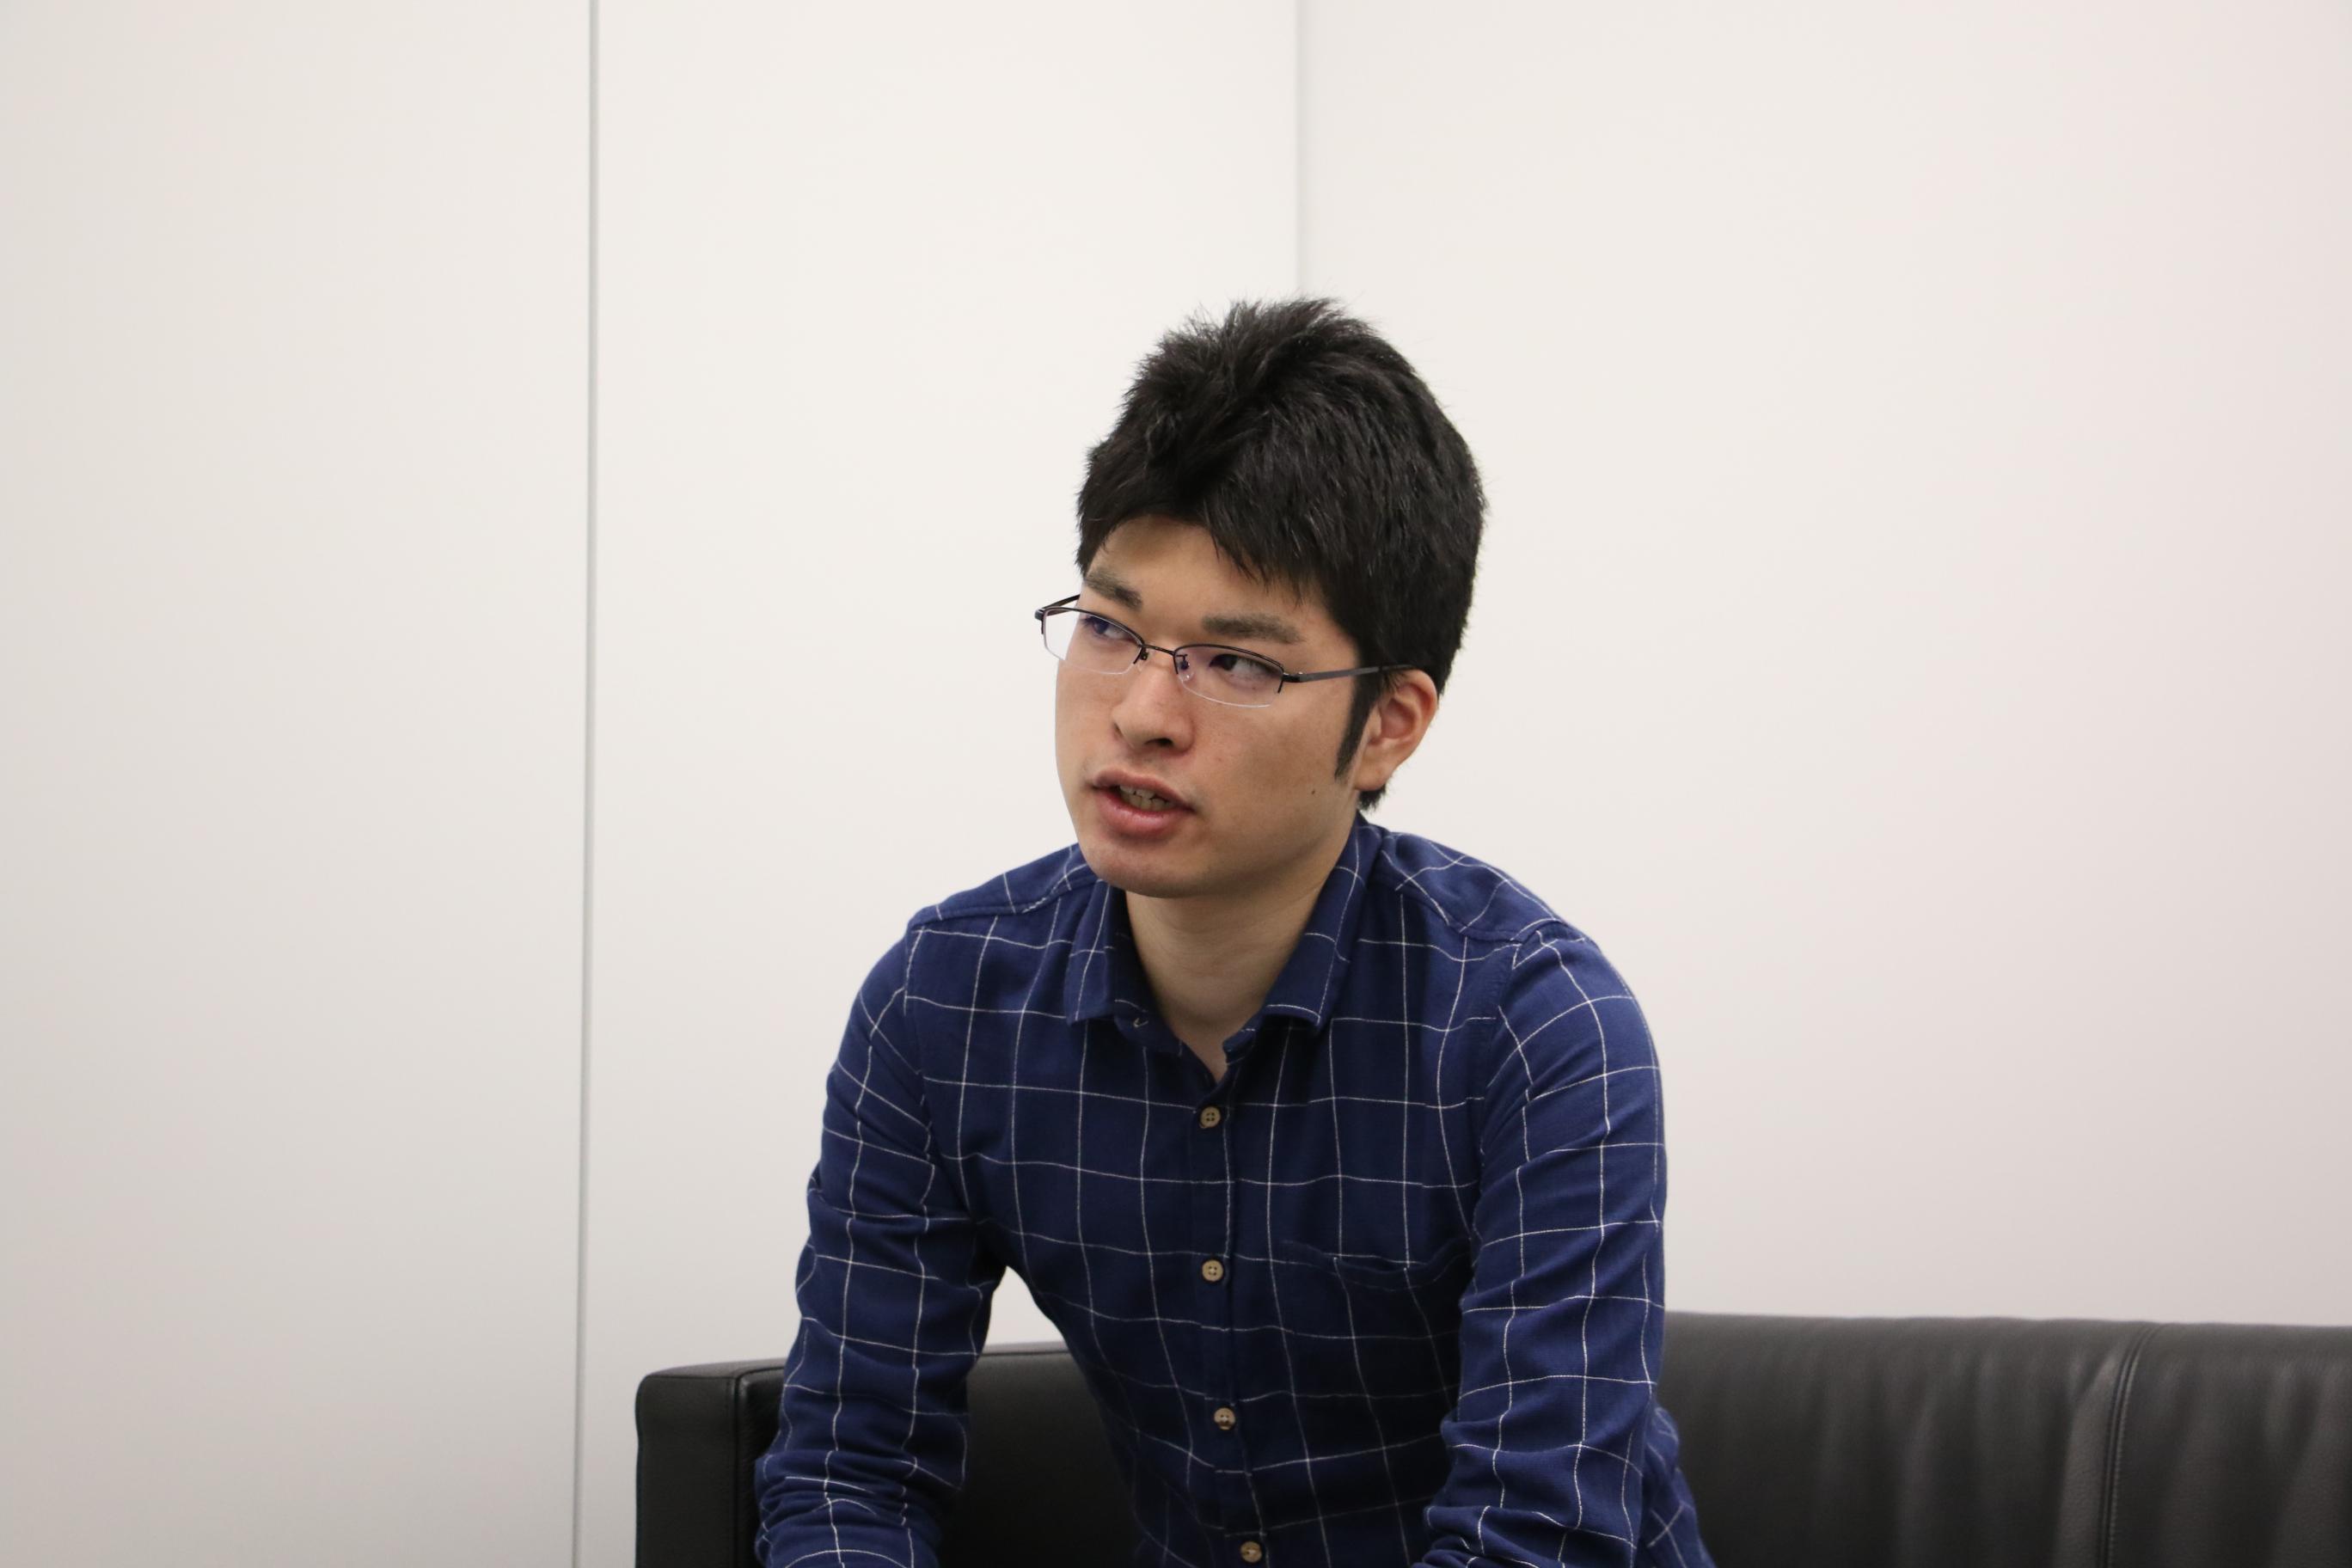 インタビューを受けている佐藤優太さん